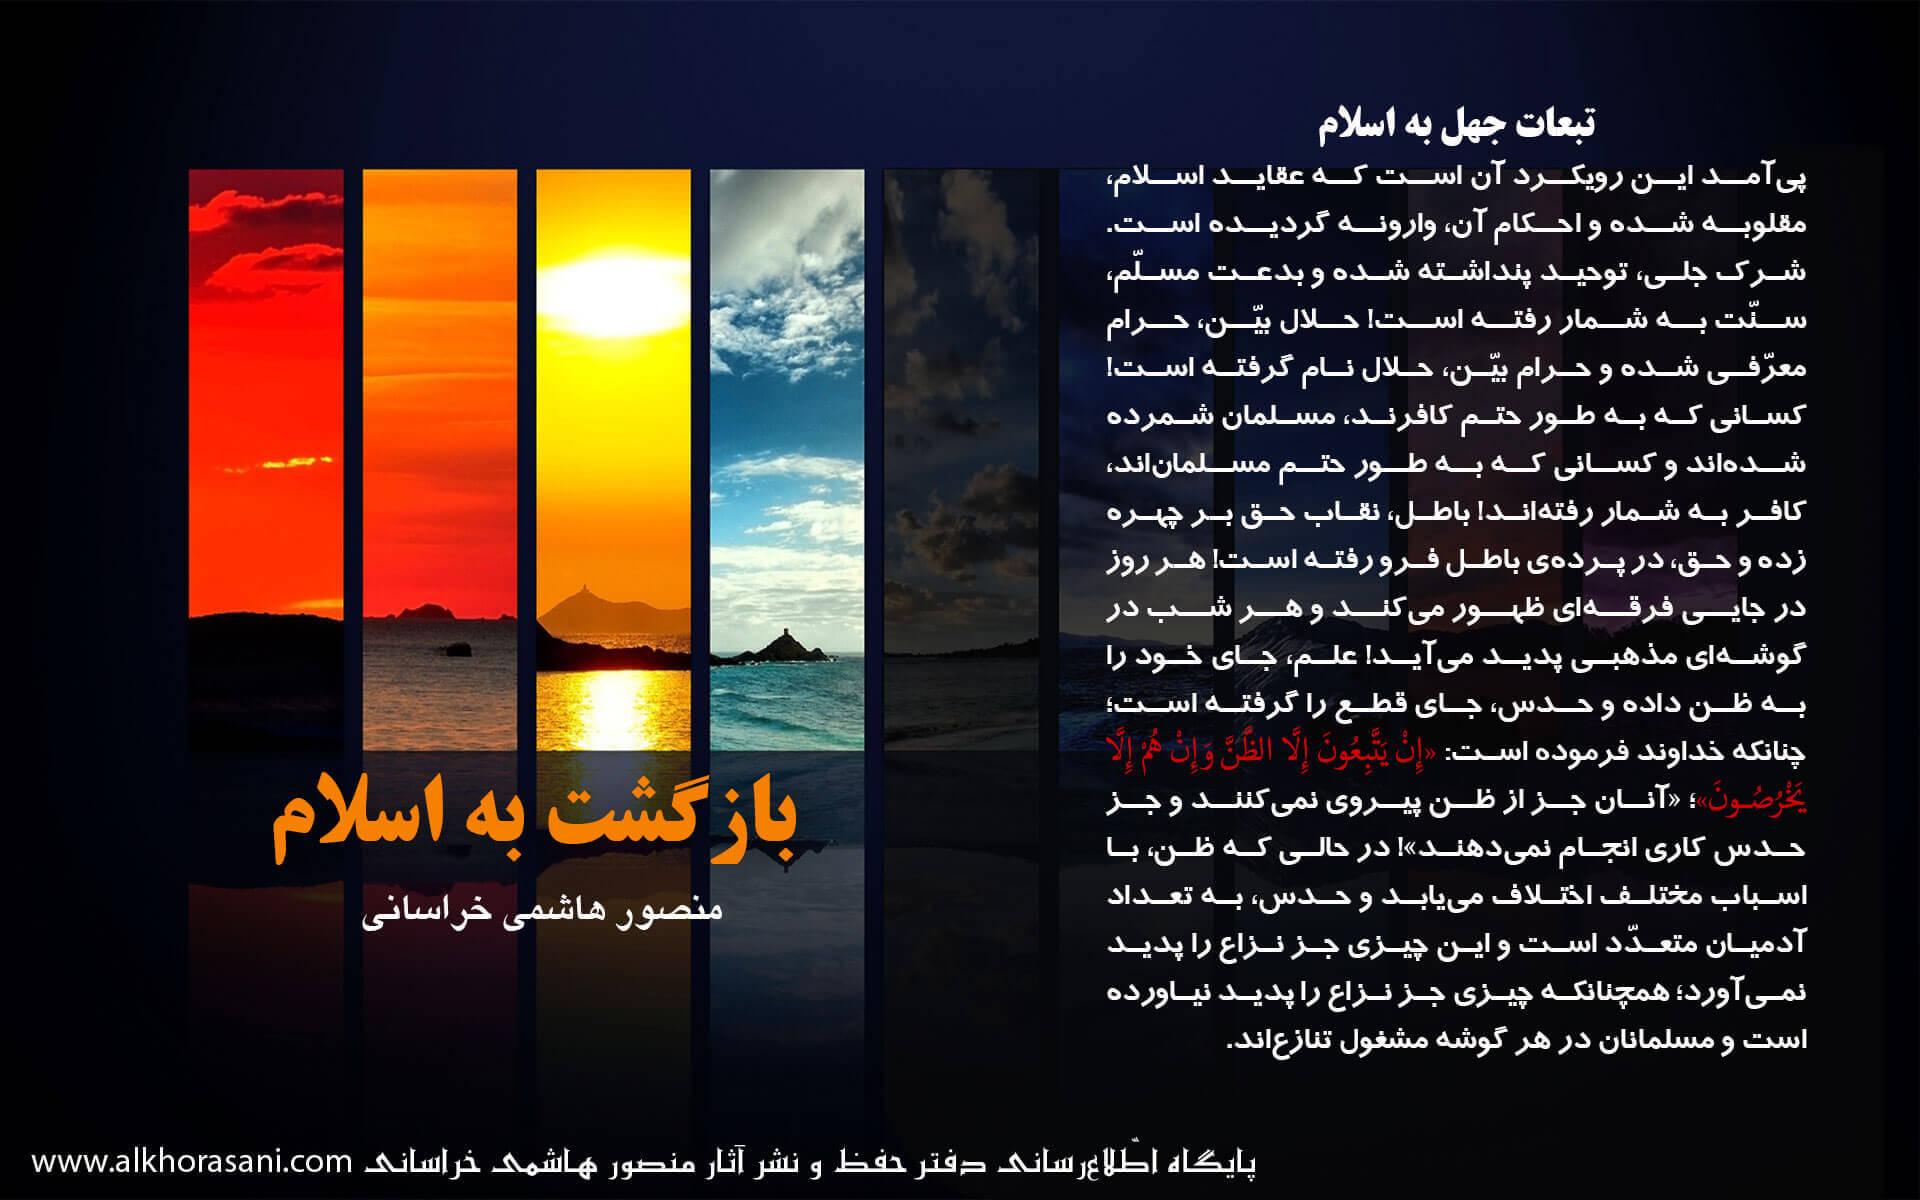 تبعات جهل به اسلام